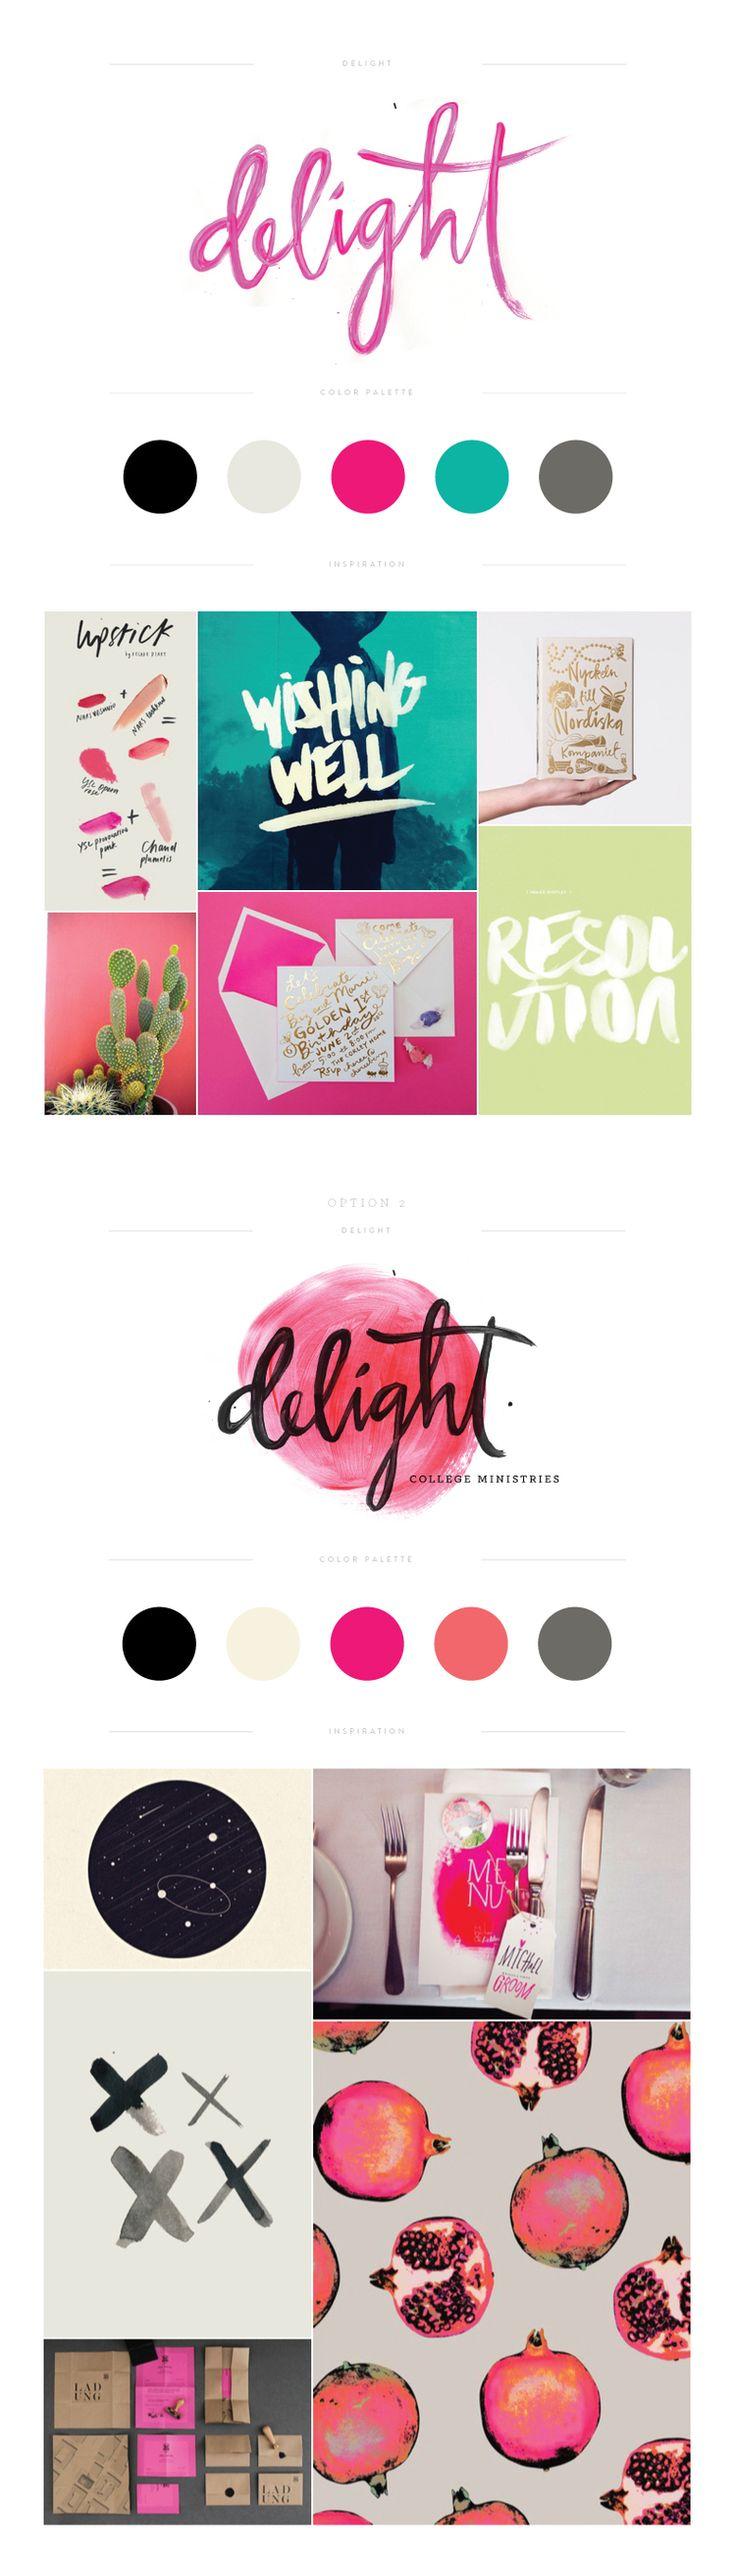 Delight Branding by Lauren Ledbetter Design & Styling